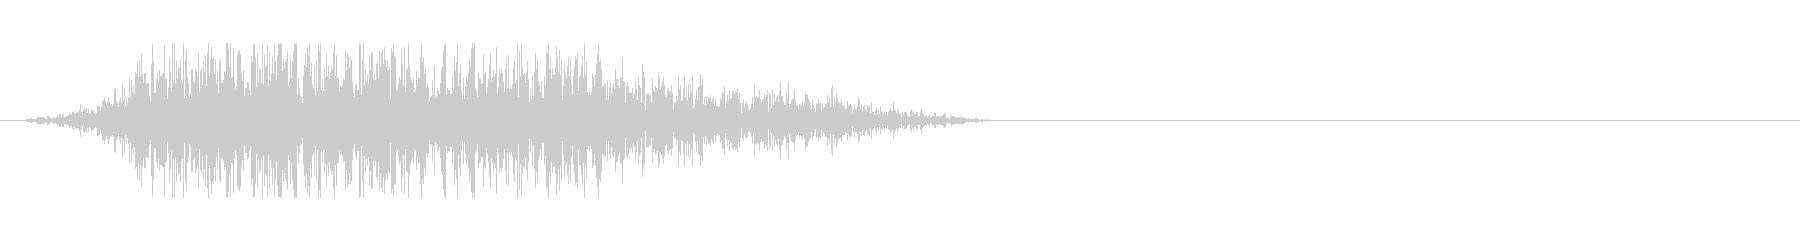 モンスターの発声 4の未再生の波形